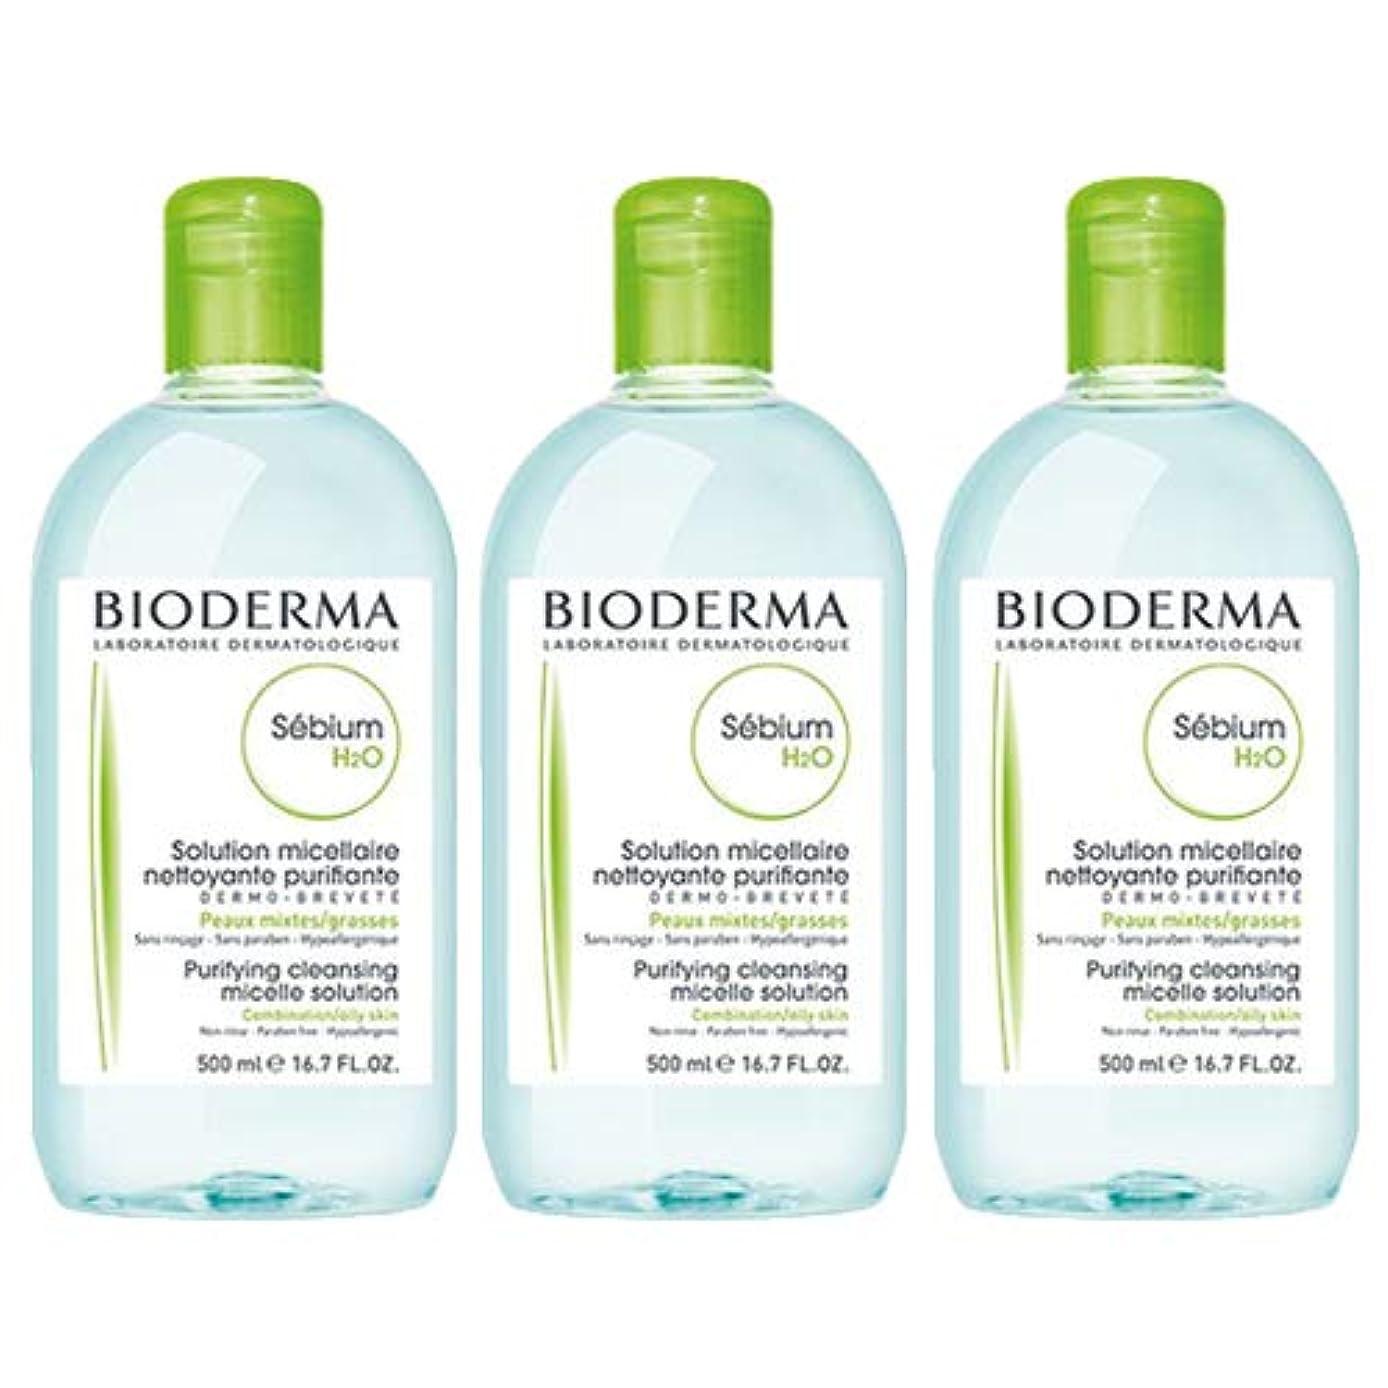 保守的リサイクルする優雅なビオデルマ BIODERMA セビウム H2O (エイチ ツーオー) D 500mL 【3本セット】 [並行輸入品]